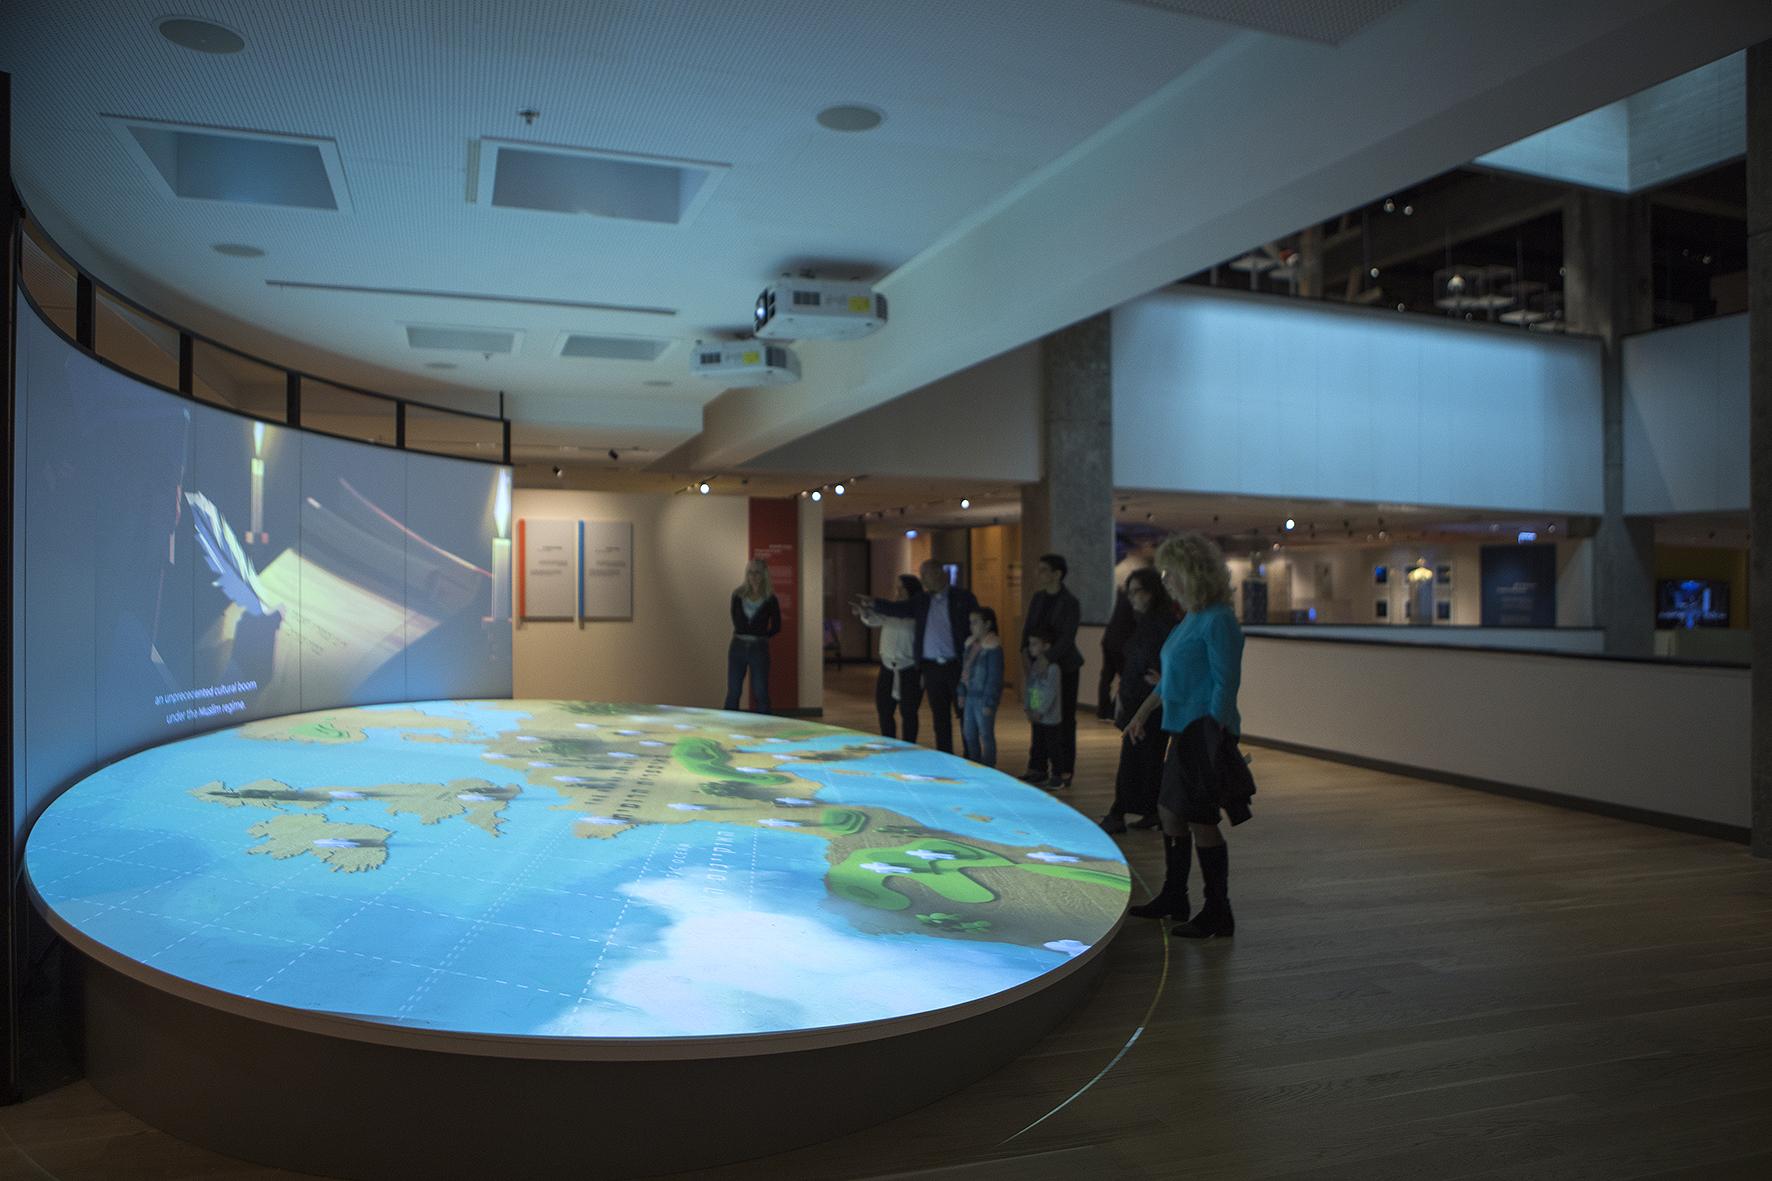 El museo del Pueblo Judío de Tel Aviv reabre con más de 6.500 m2 de galerías